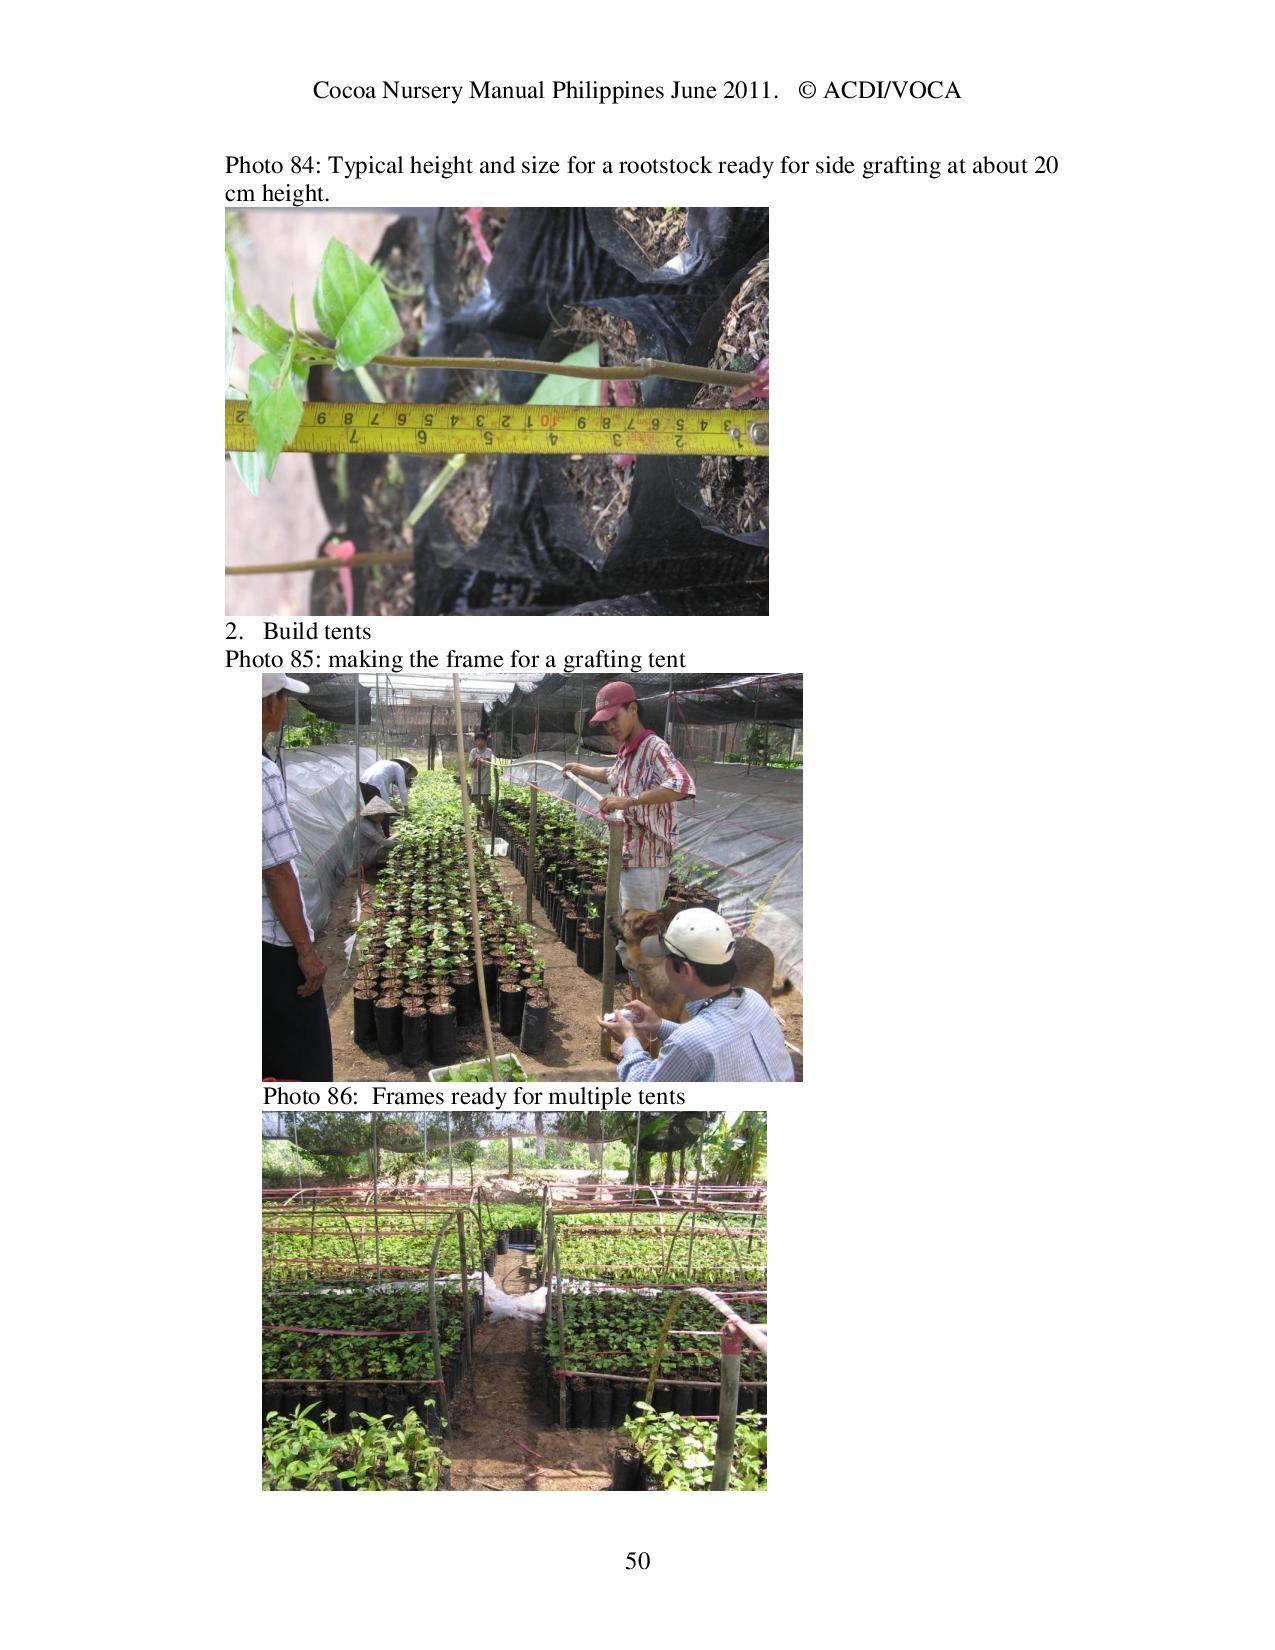 Cocoa-Nursery-Manual-2011_acdi-voca-page-050